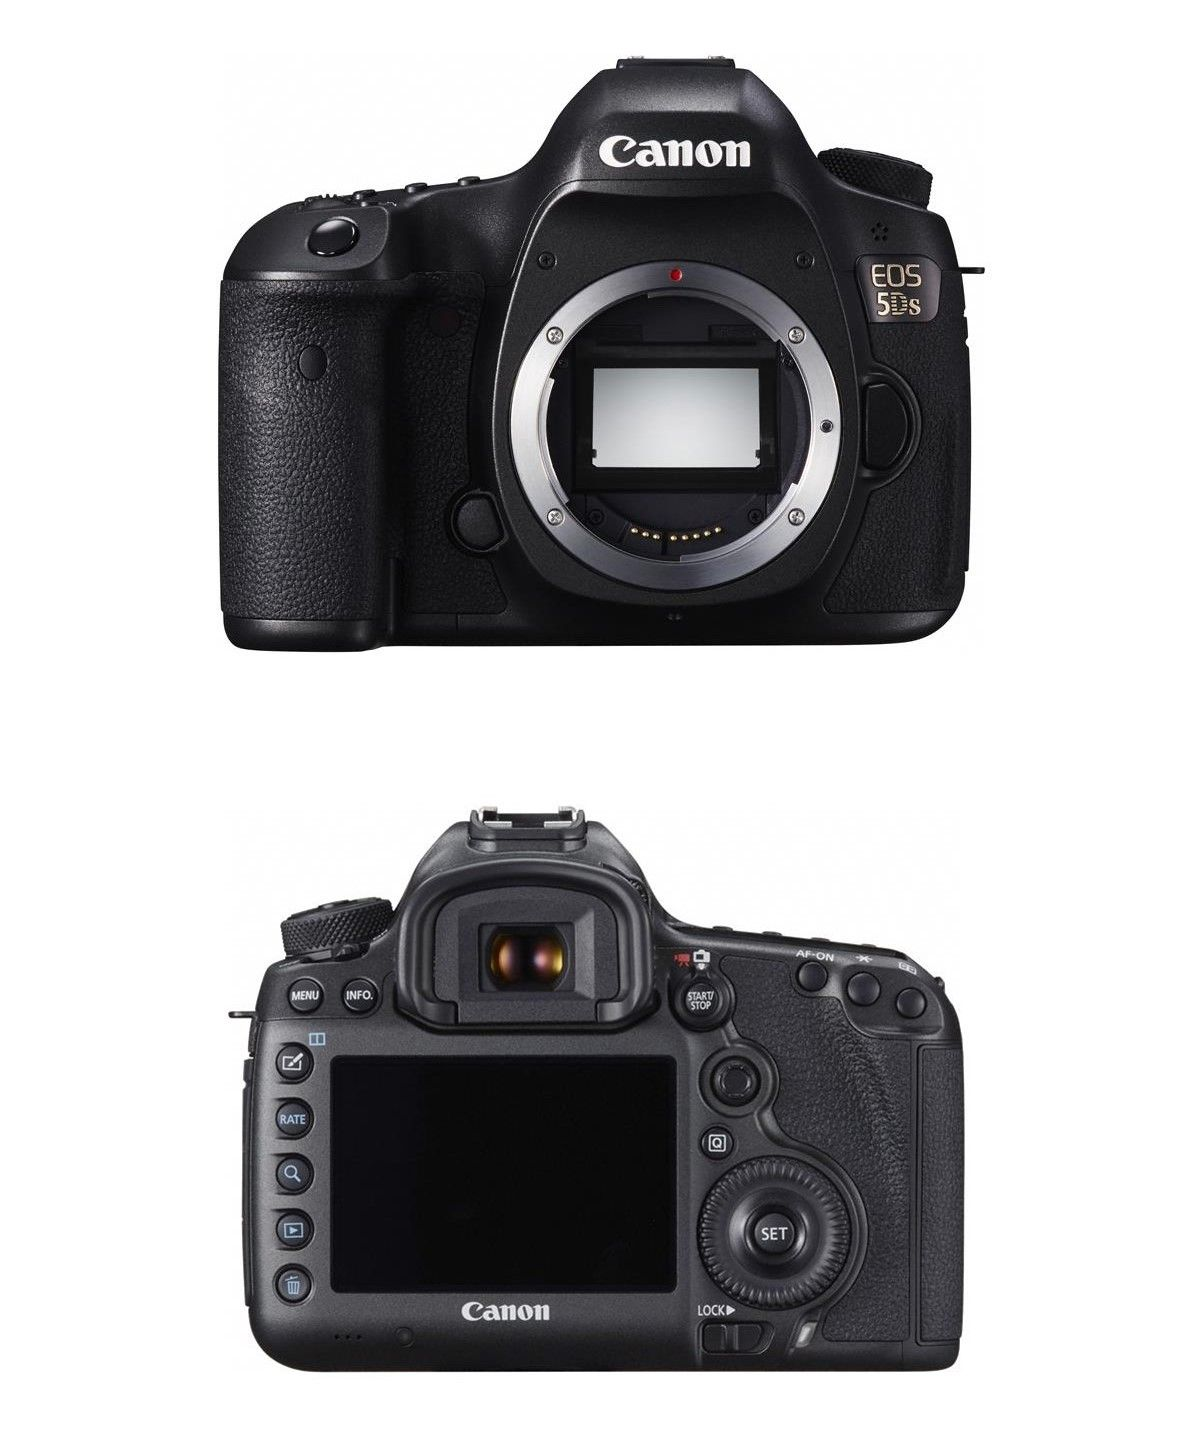 Canon Eos 5ds Dslr Full Frame 50 6 Megapixel Canon Eors 5ds Fullframe 35mm Dslr Mirrorless Dslrshooter Videosh Digital Camera Eos Full Frame Camera